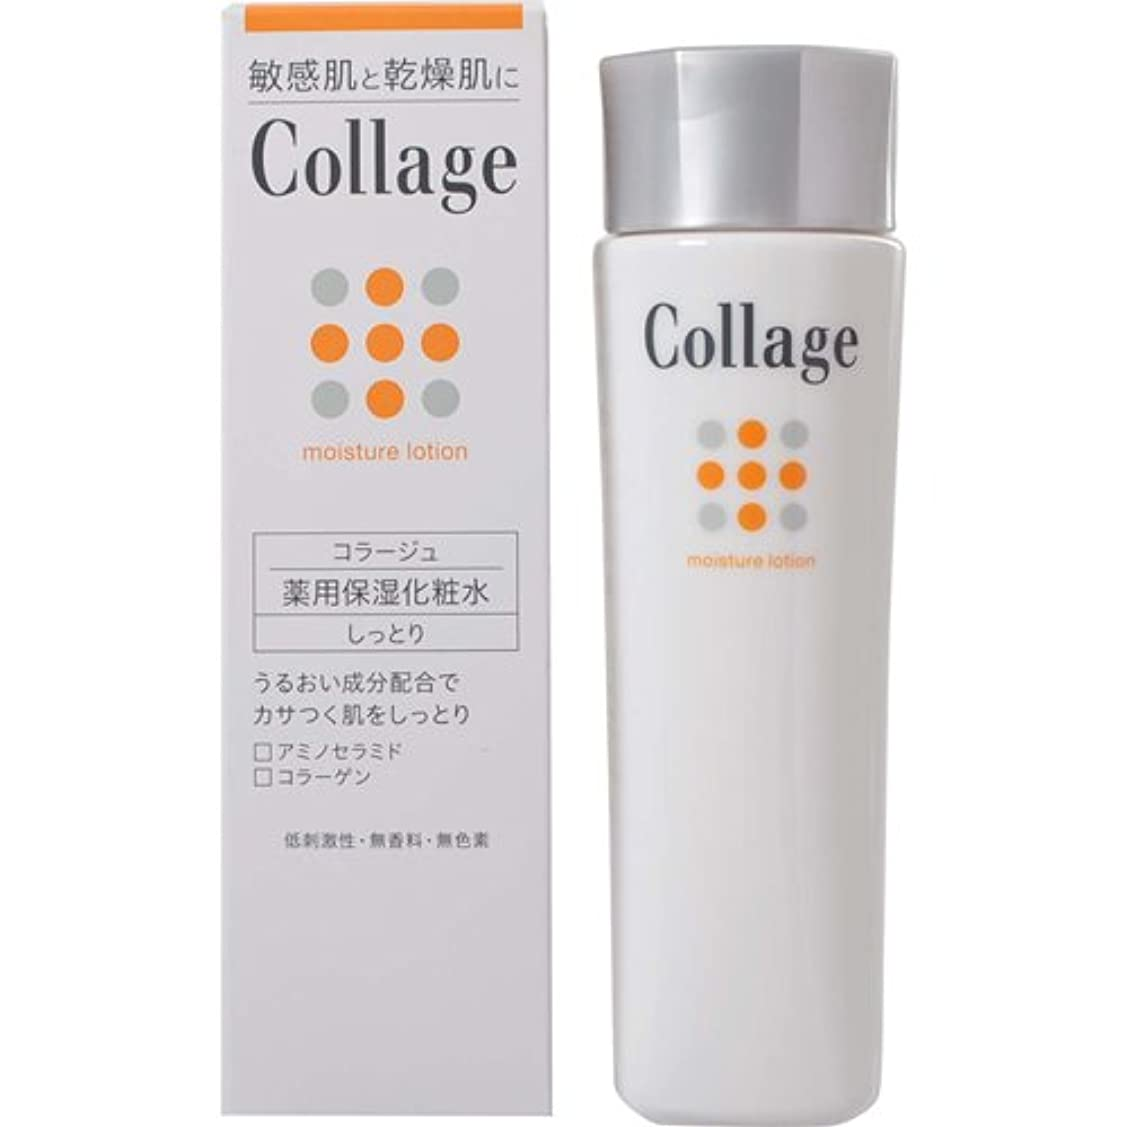 リファイン閉塞連想コラージュ 薬用保湿化粧水 しっとり 120mL 【医薬部外品】